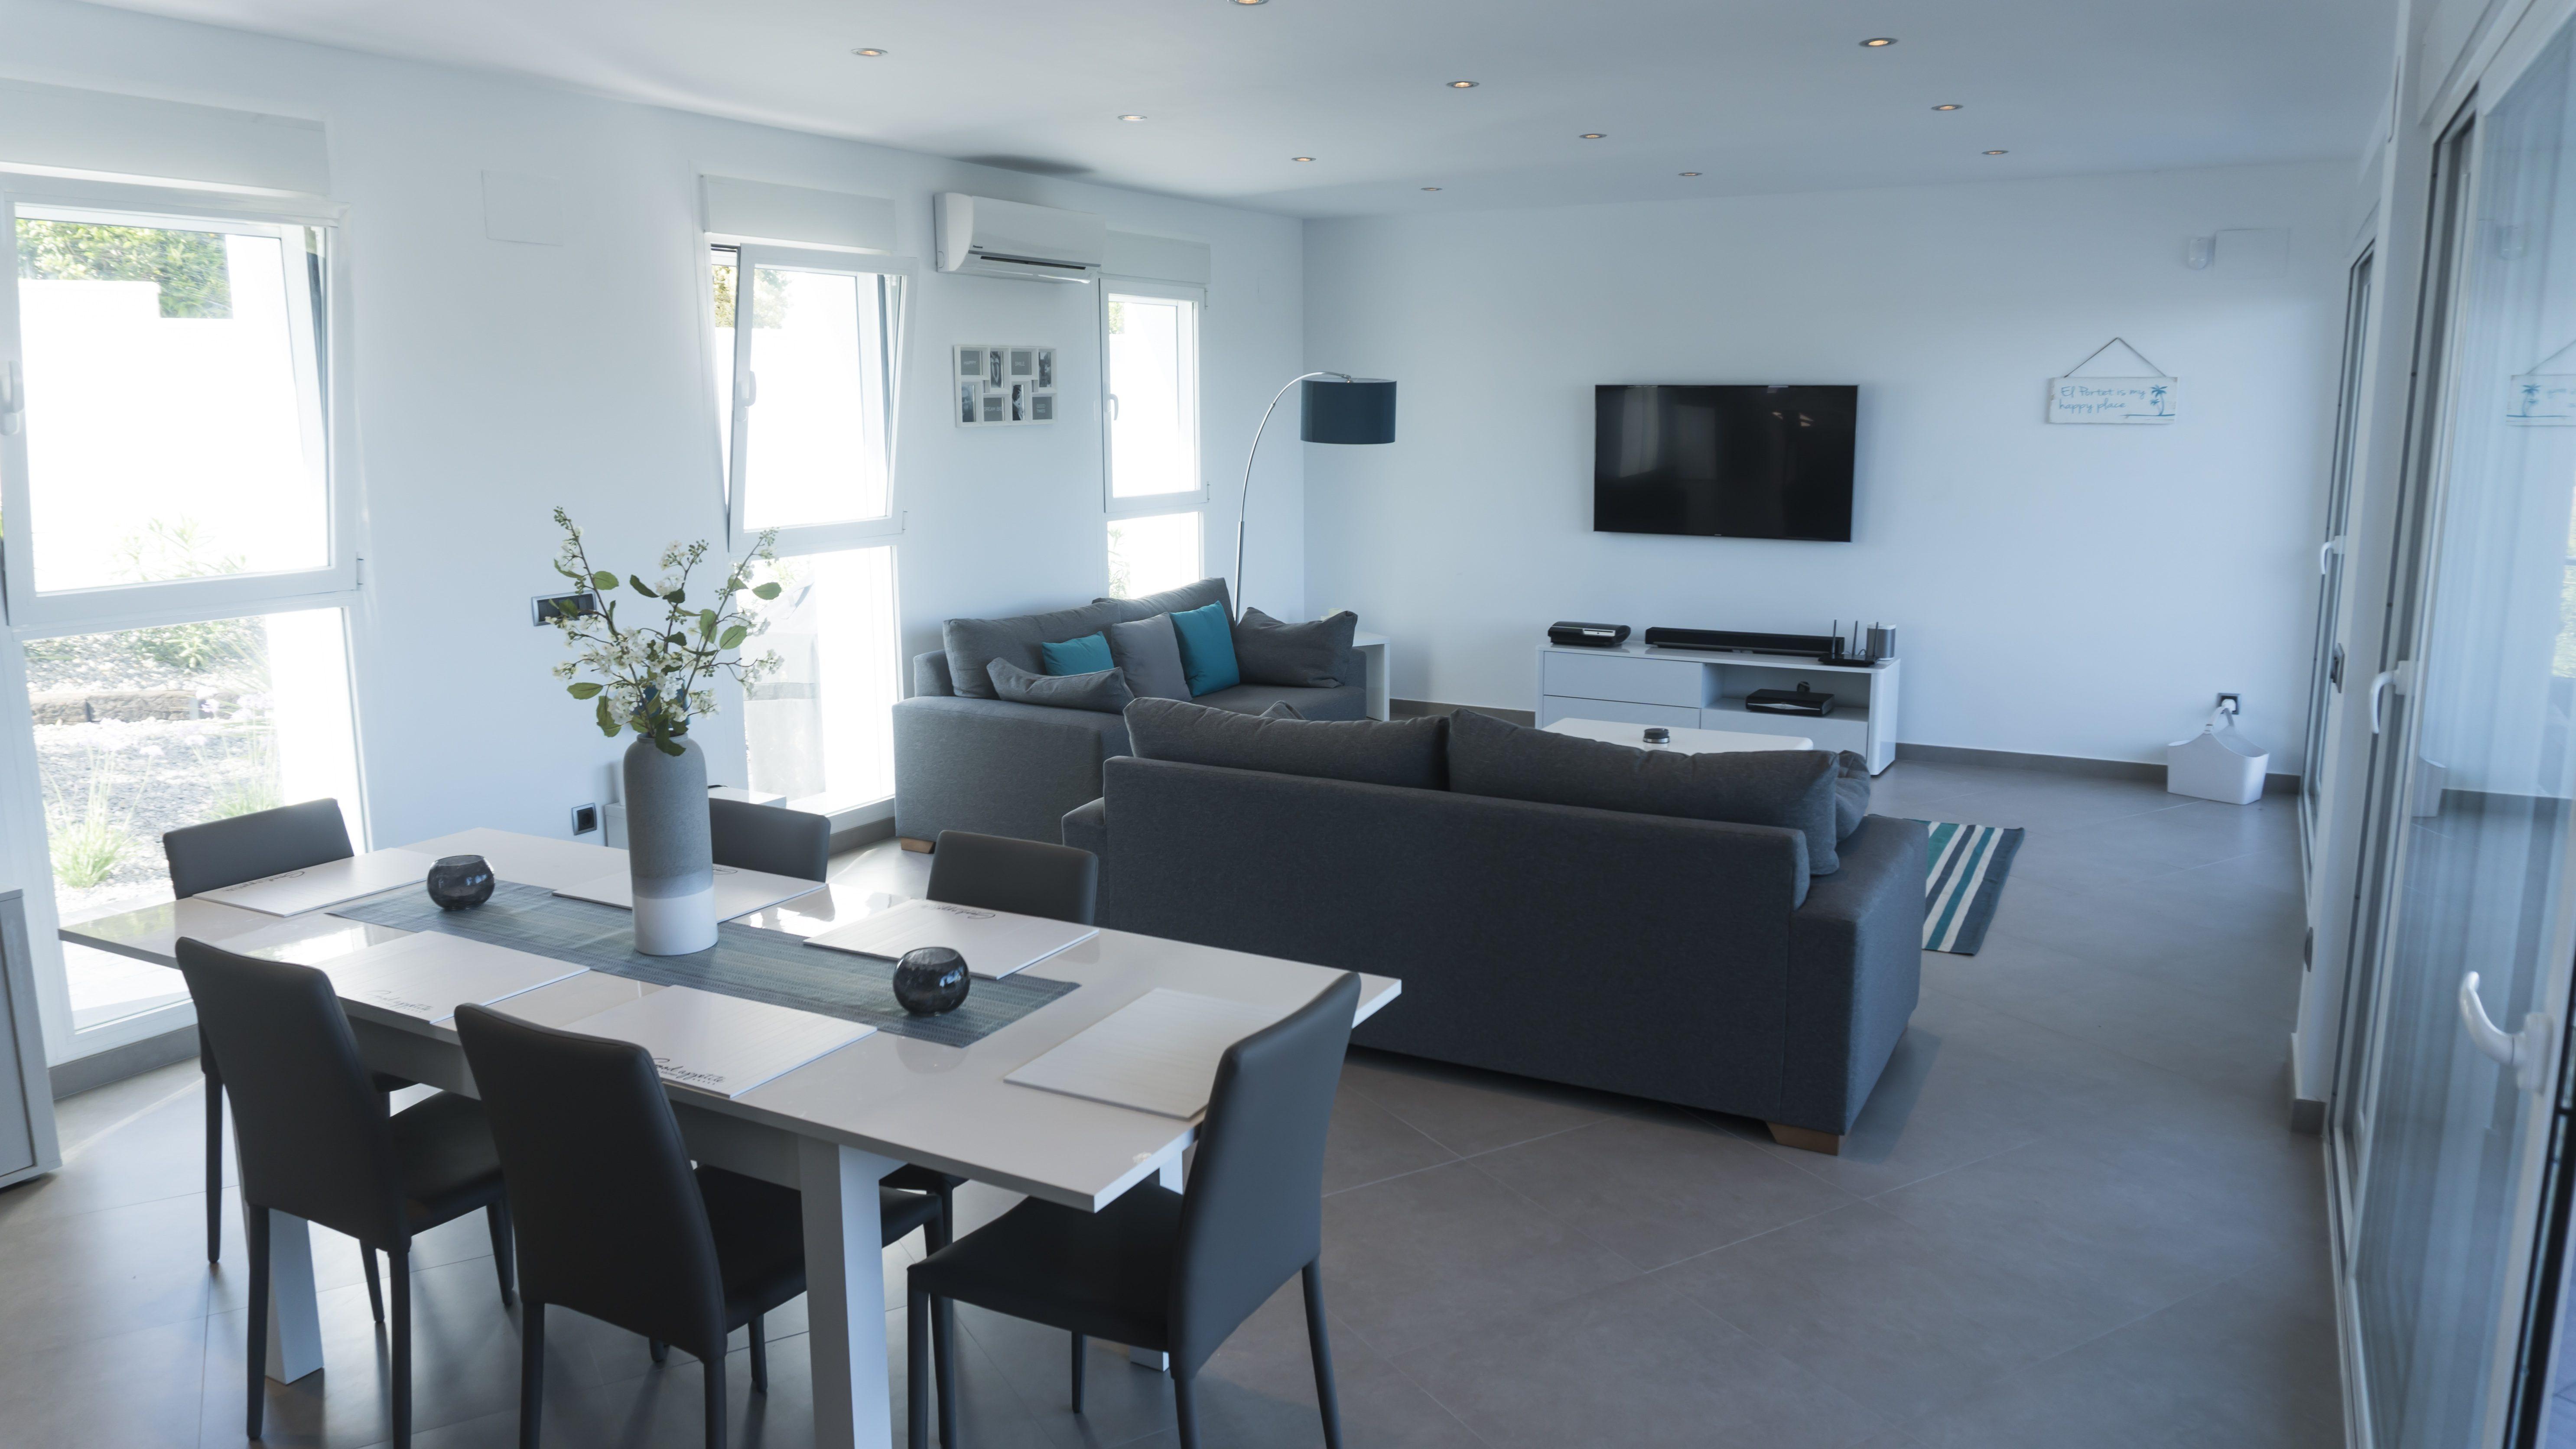 Arquifach: Studio architectural à Alicante présent: Villa Sabana - Maison individuelle avec piscine située dans l'urbanisation